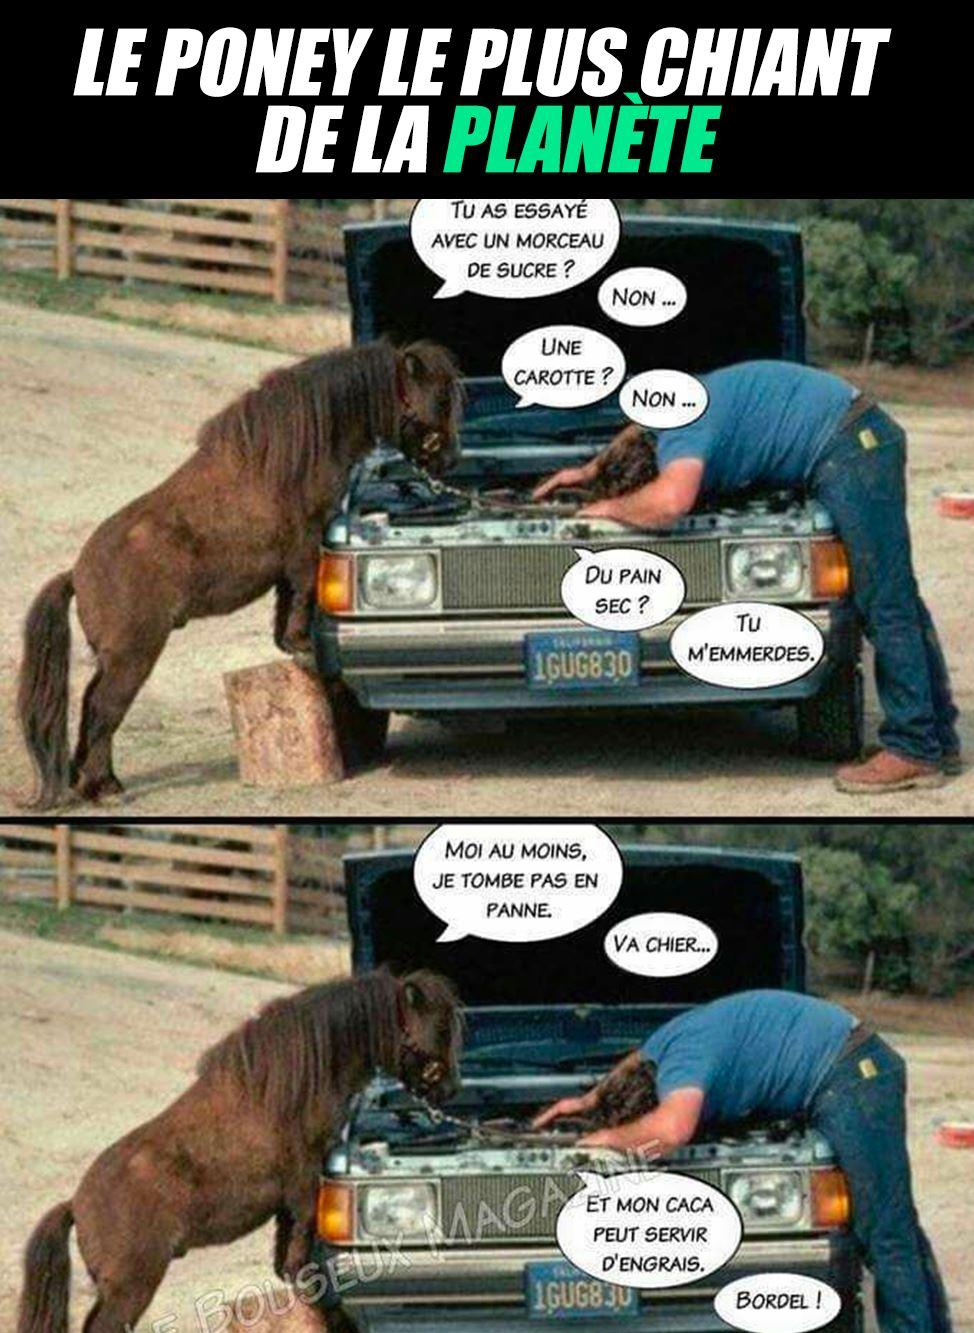 Le poney le plus chiant de la planète